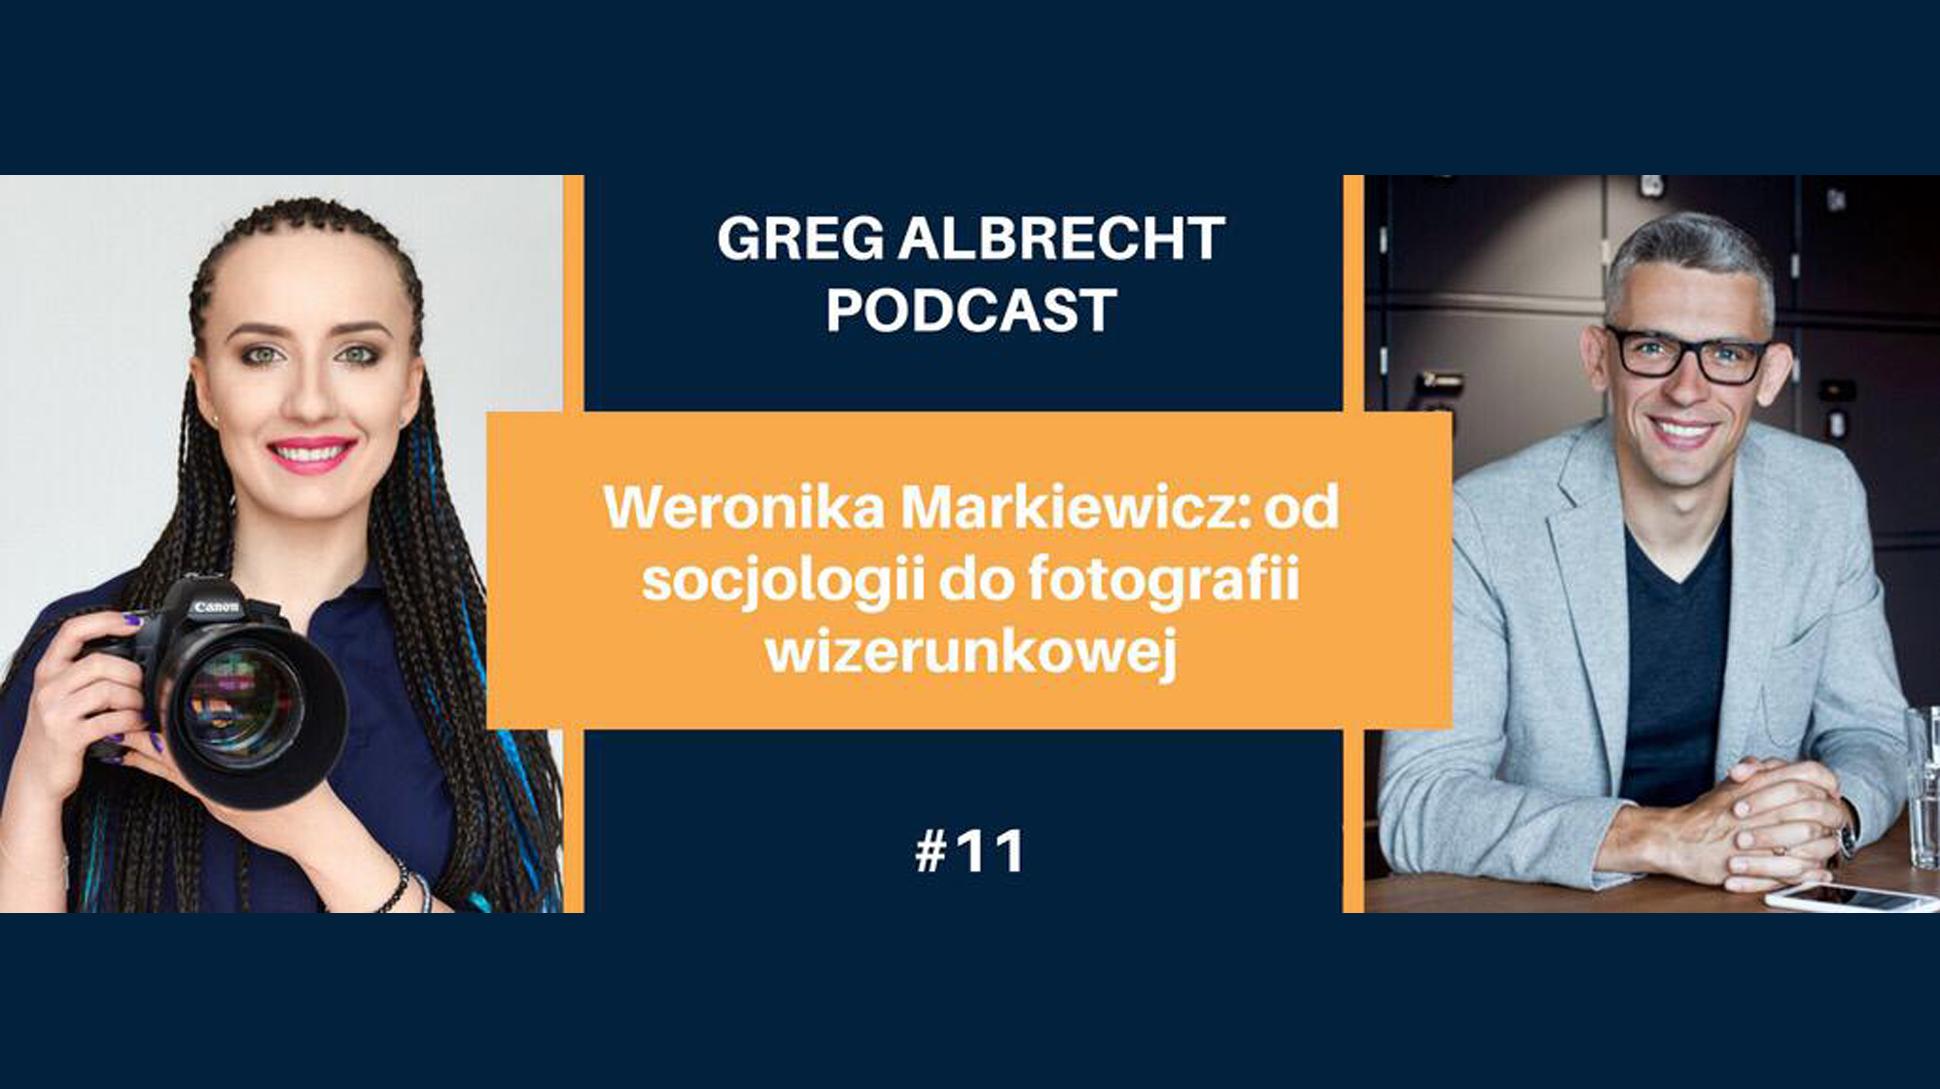 """""""Od socjologii do fotografii wizerunkowej"""" – wywiad w Greg Albrecht Podcast"""